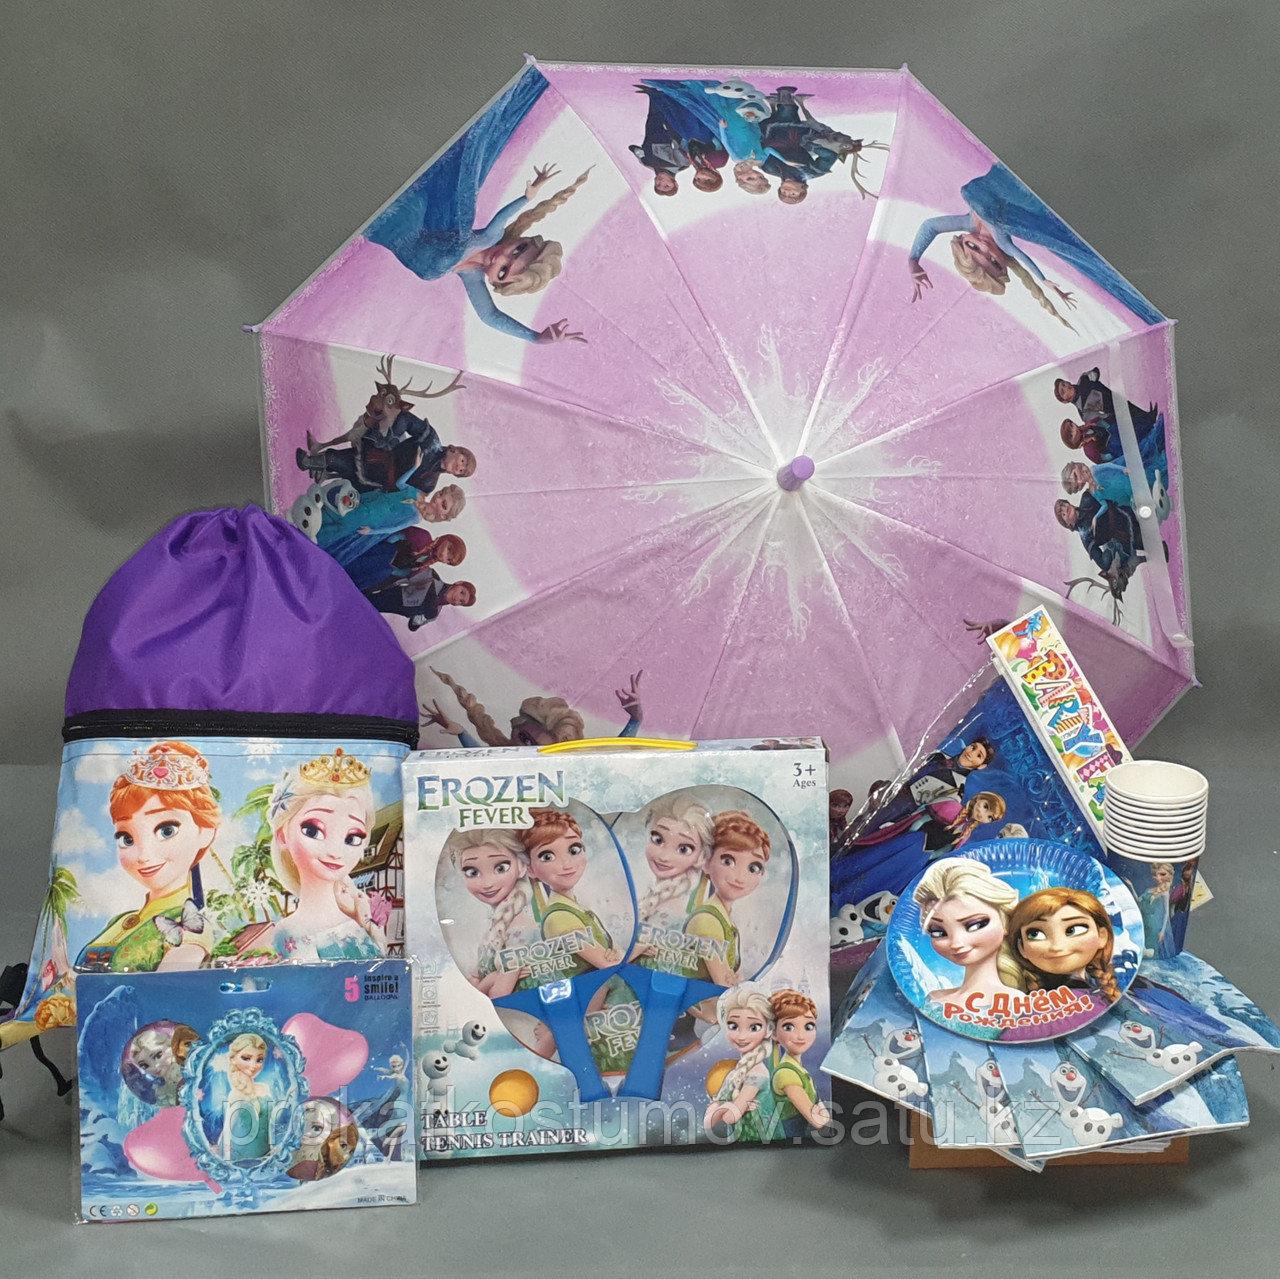 """Подарочный набор """"Frozen 01"""" (№014) - фото 1"""